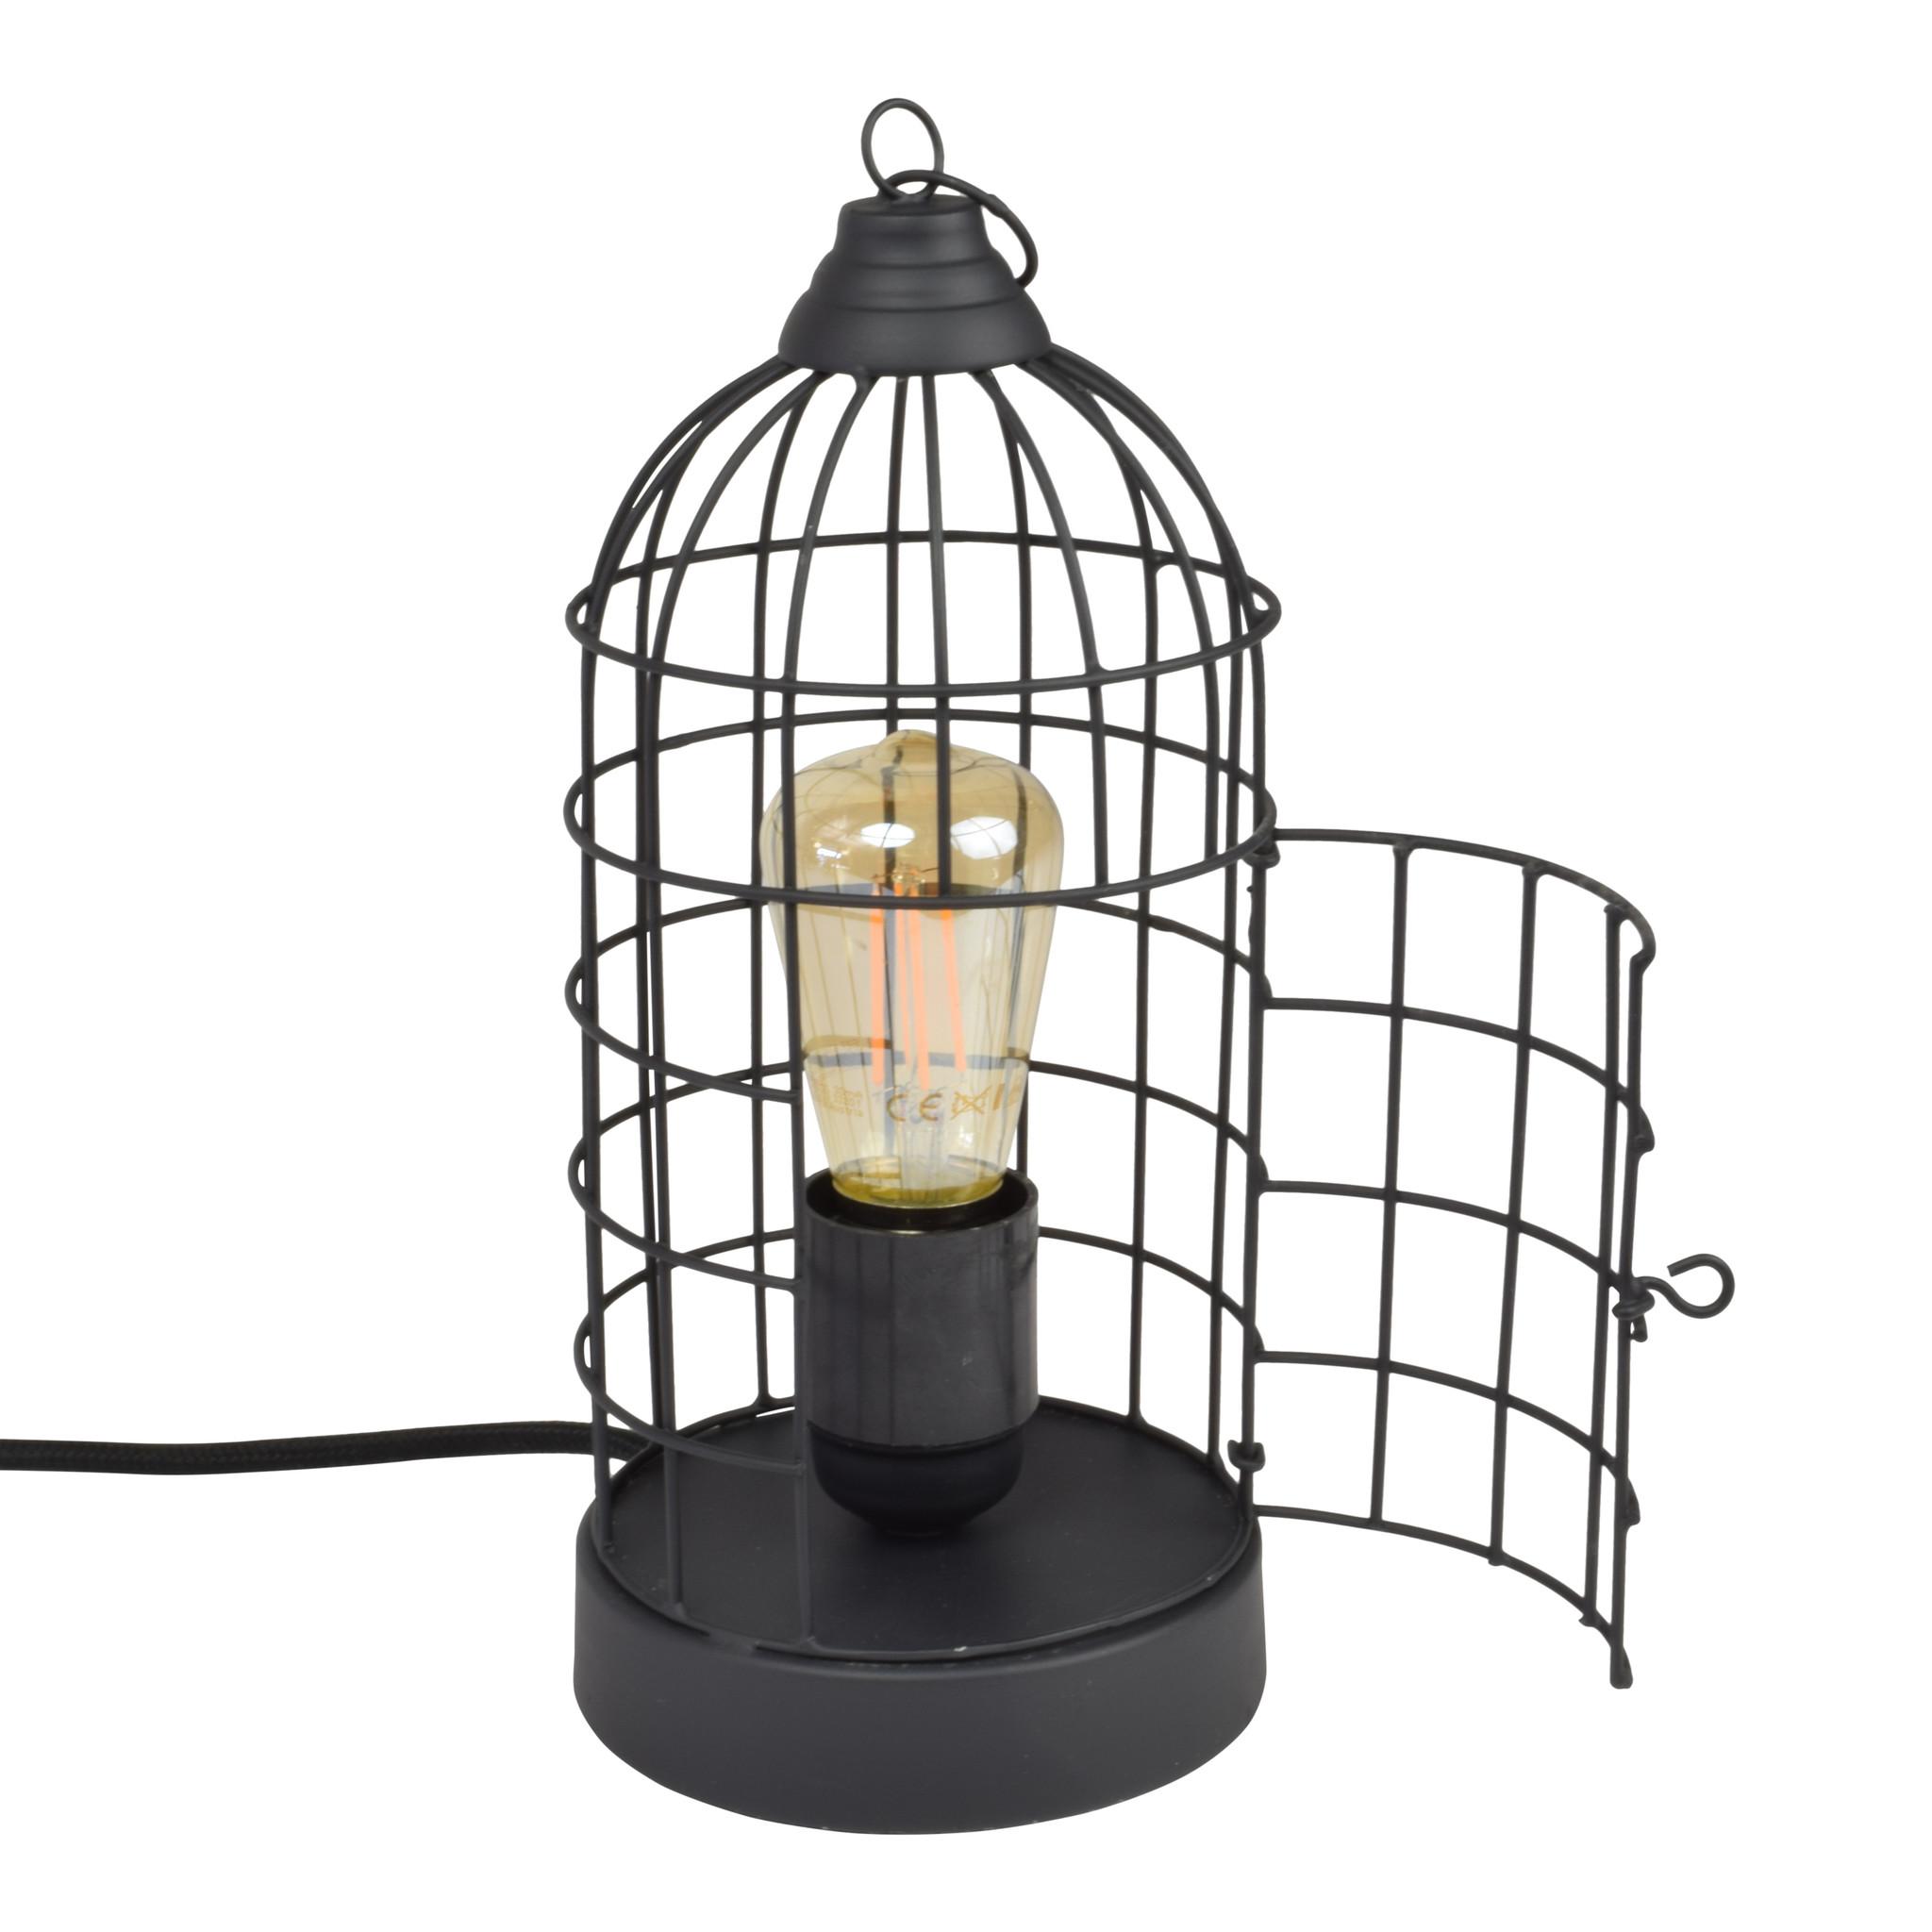 Urban Interiors Urban Interiors Tafellamp Birdy Mat zwart